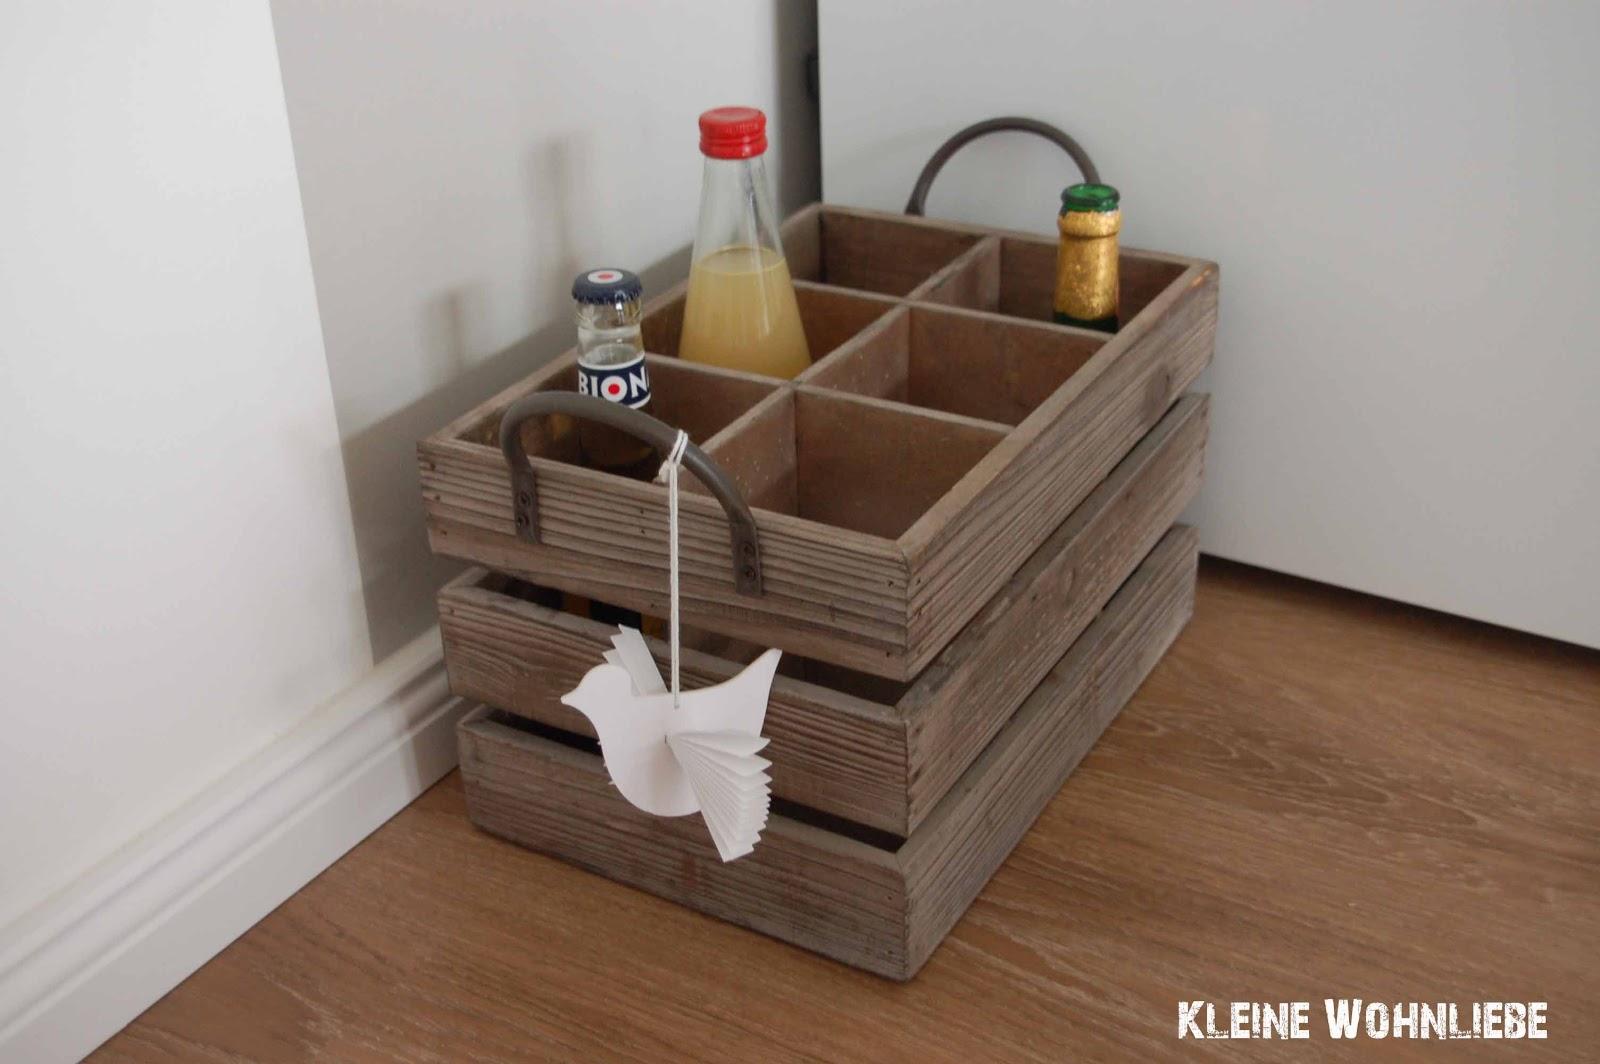 kleine wohnliebe wohin mit den flaschen. Black Bedroom Furniture Sets. Home Design Ideas